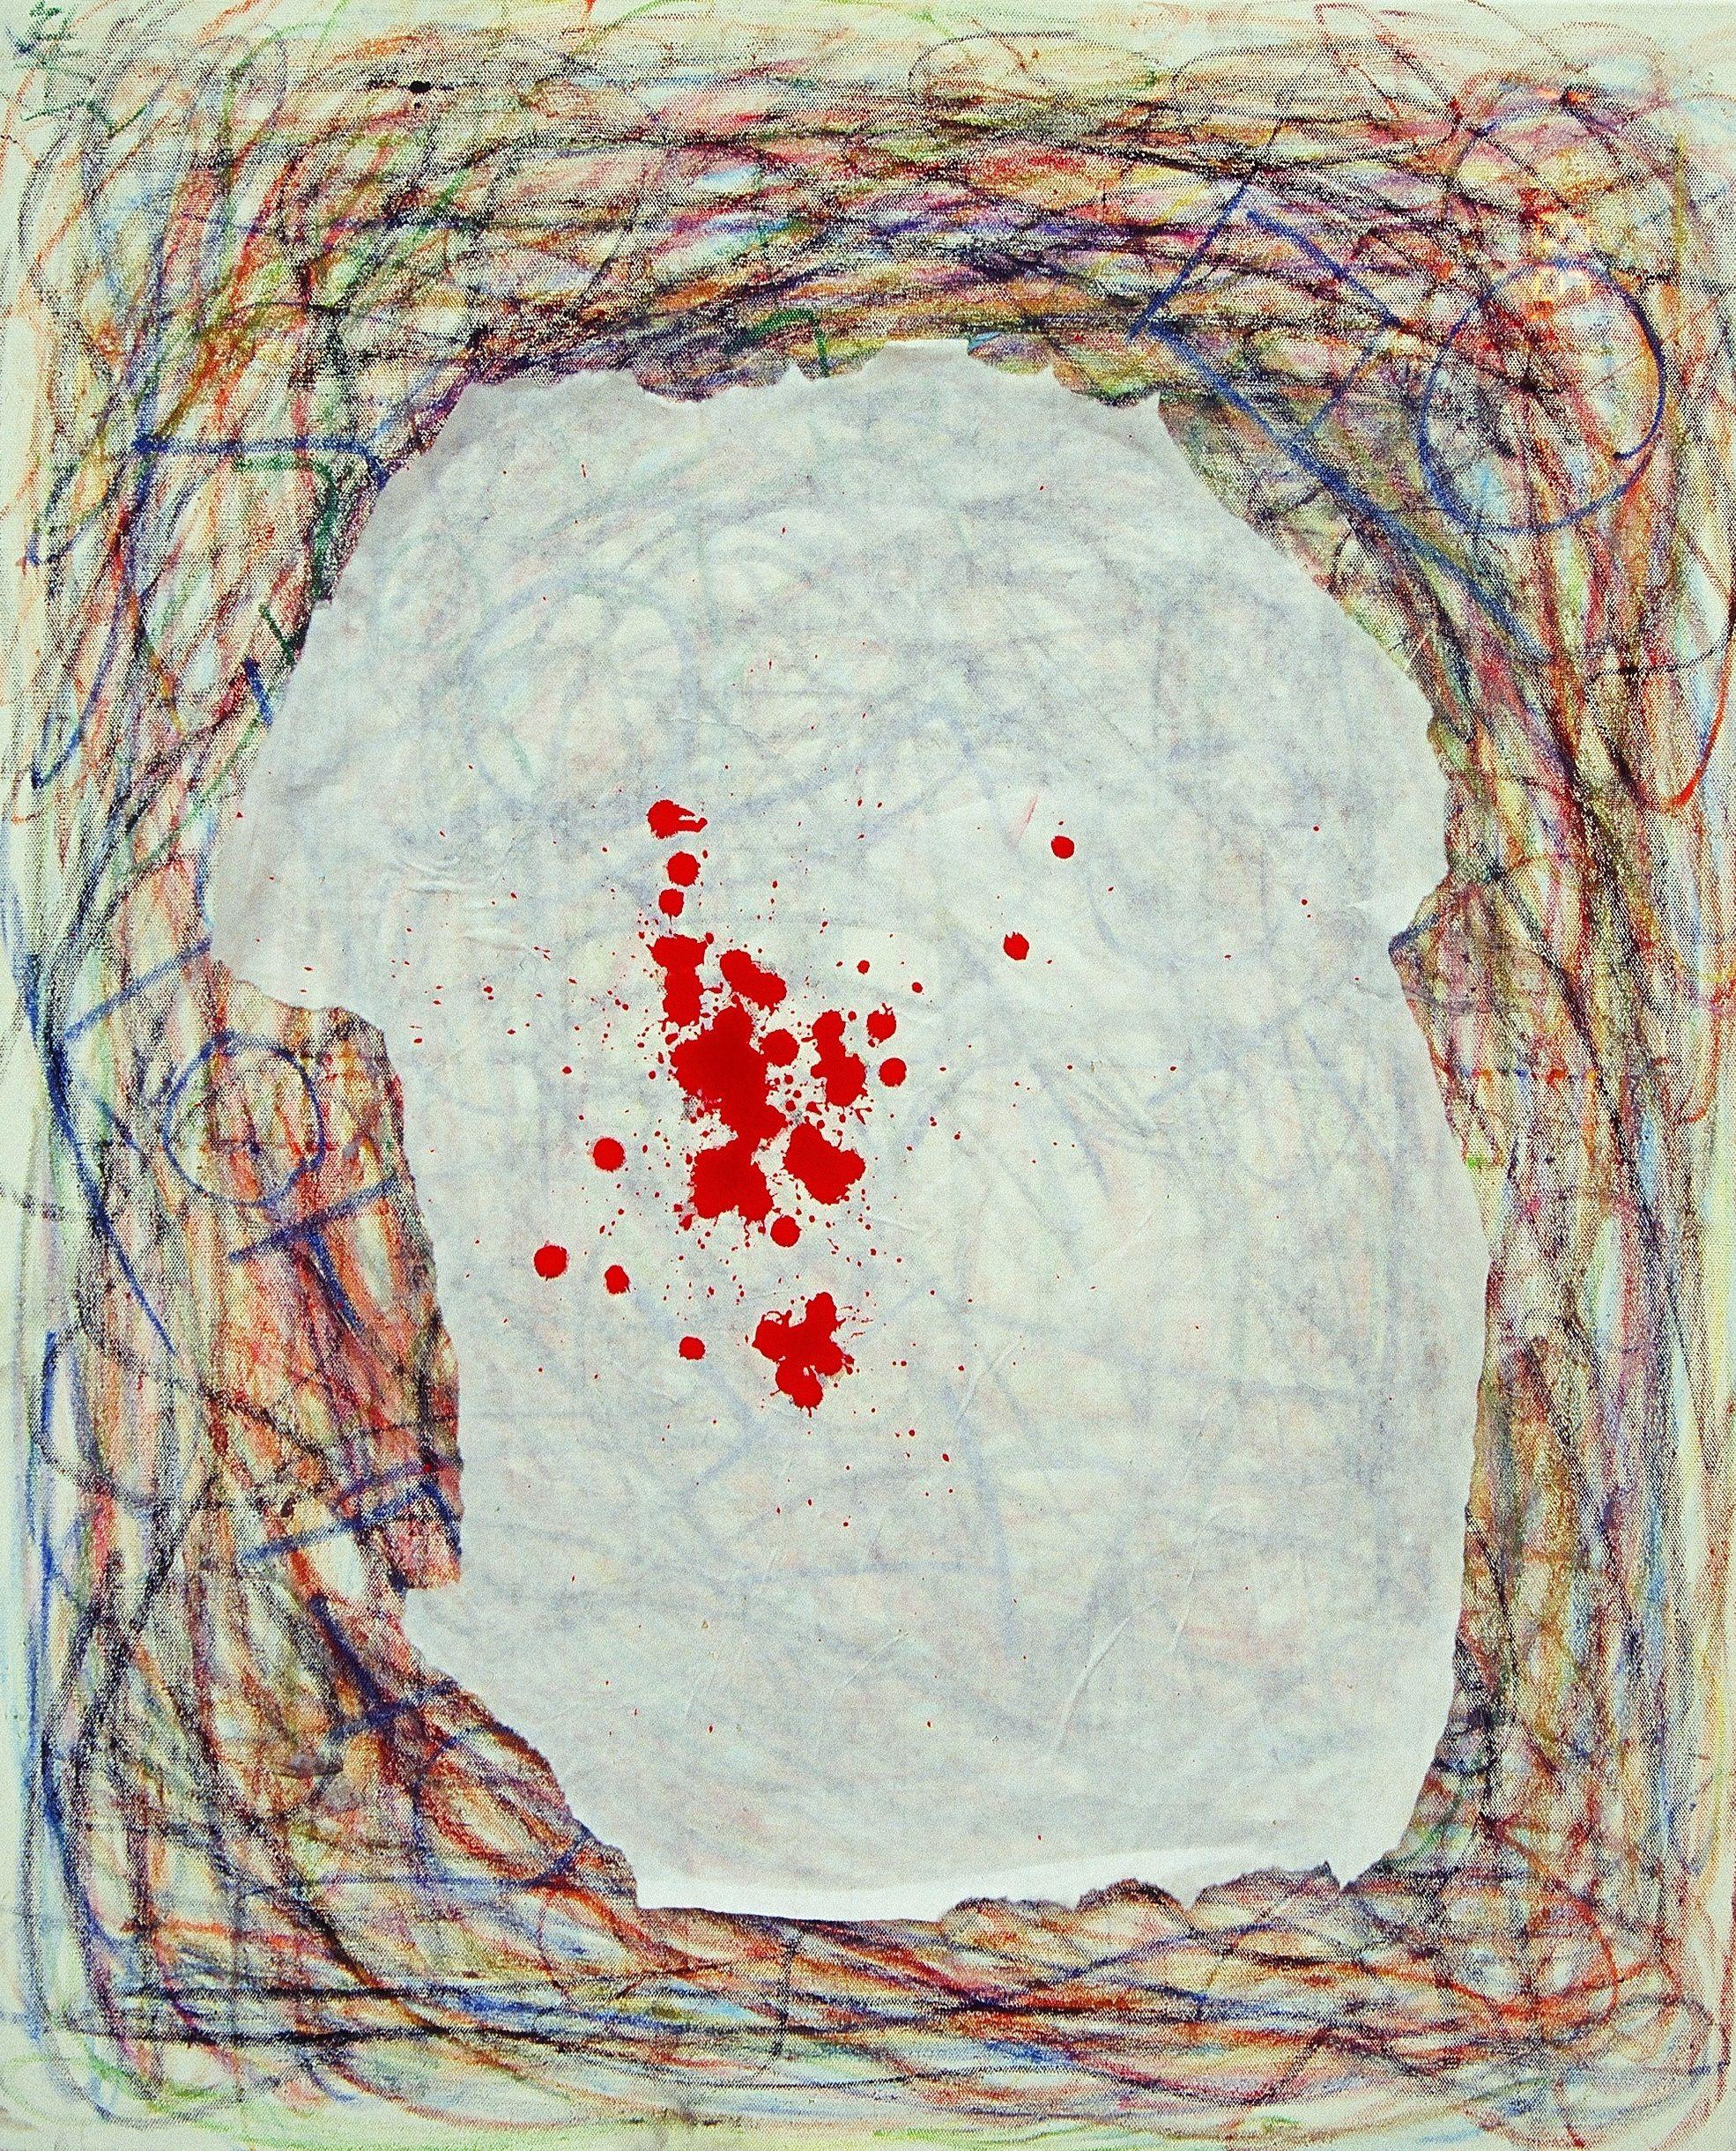 _>> 開放性共同創作複合媒材  Painting, Art